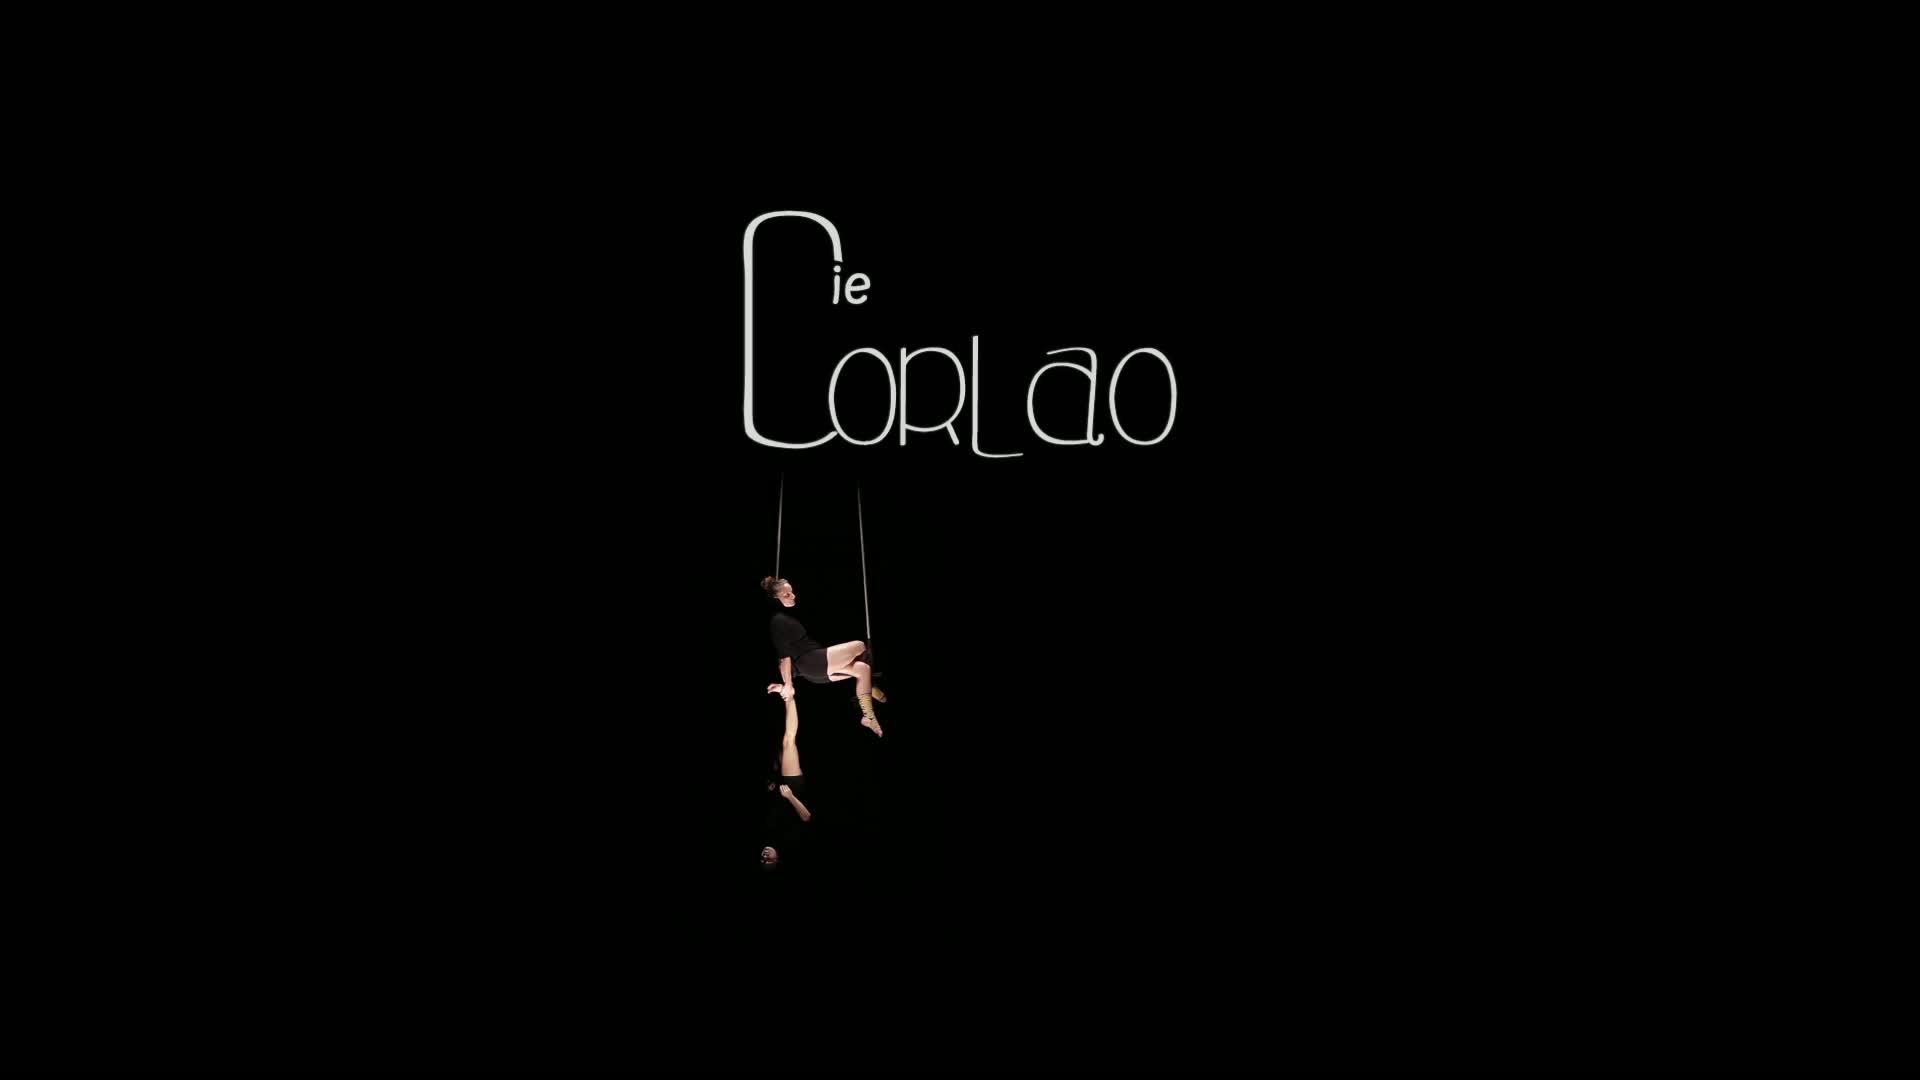 Réalisation vidéo Corlao